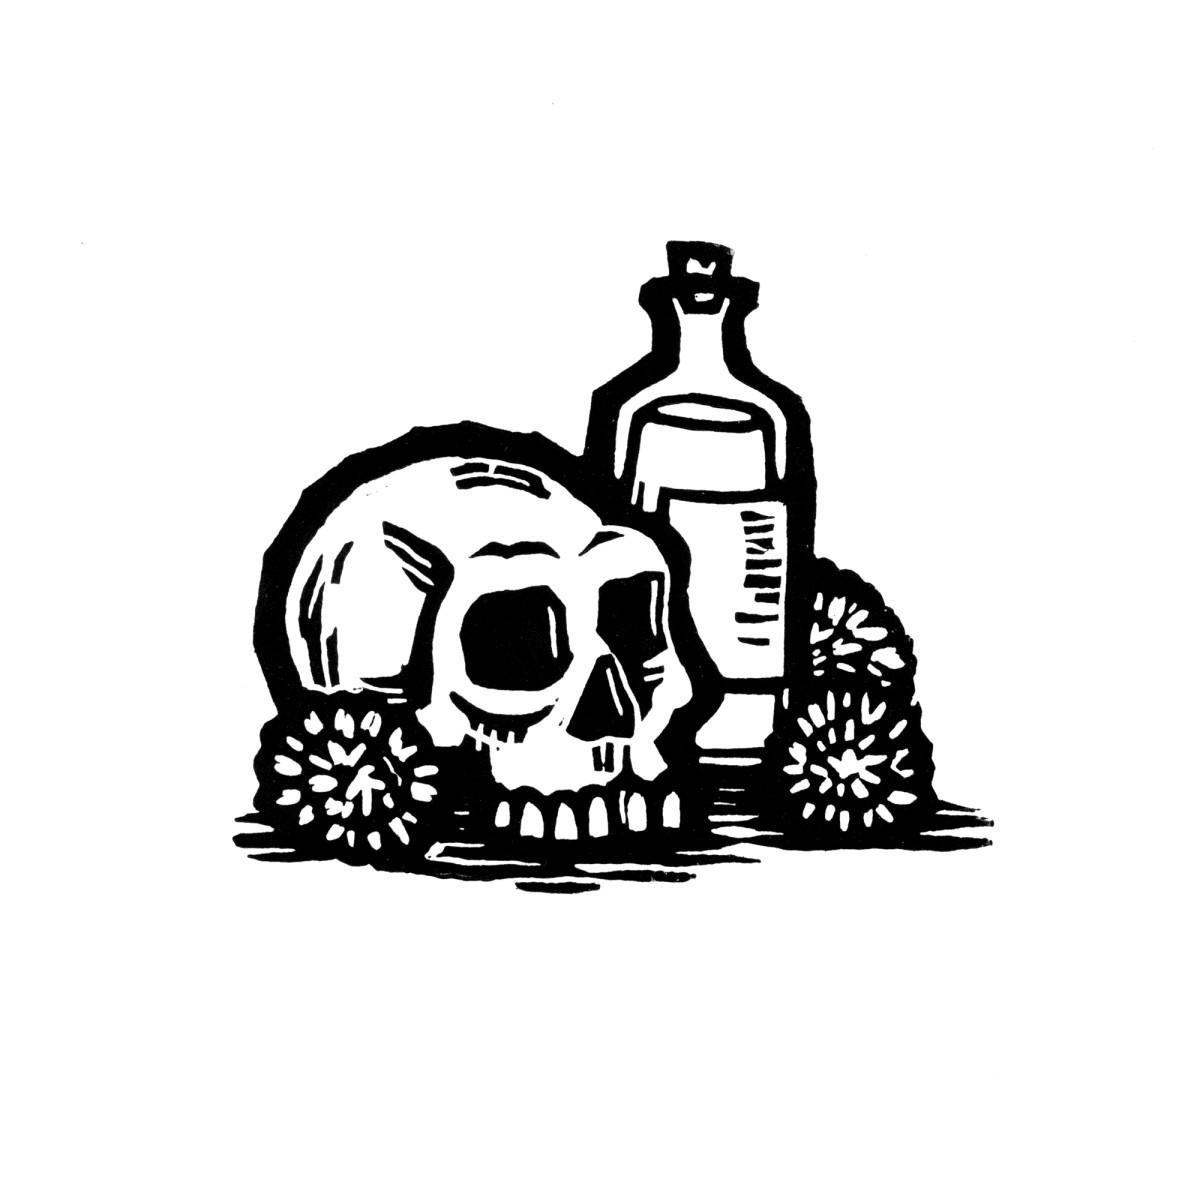 Skull & Bottle